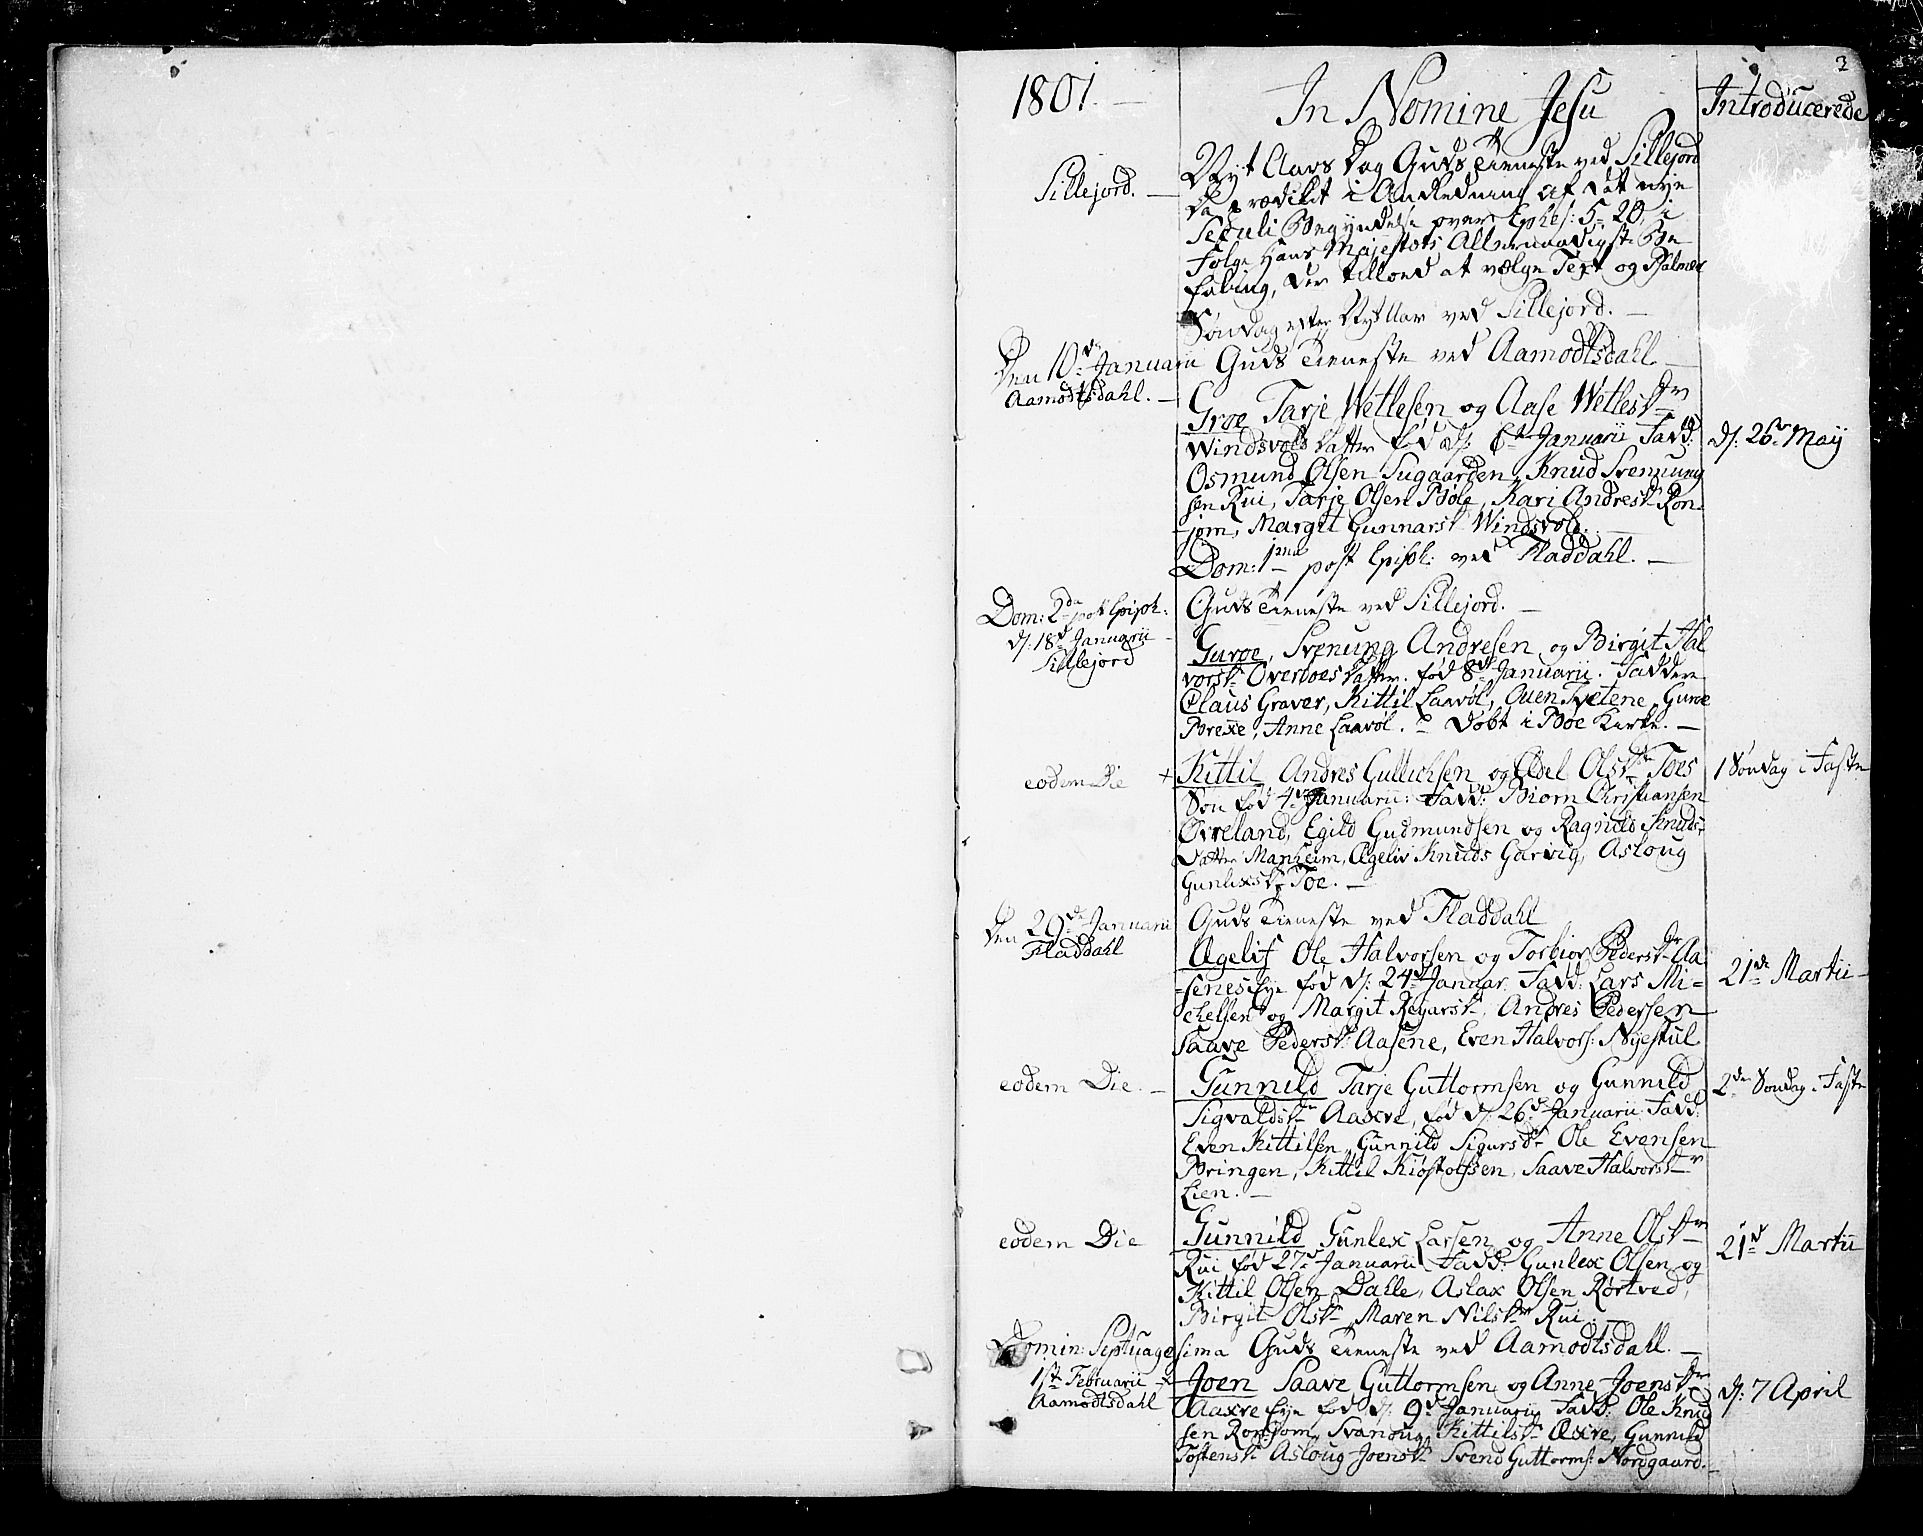 SAKO, Seljord kirkebøker, F/Fa/L0009: Ministerialbok nr. I 9, 1801-1814, s. 3